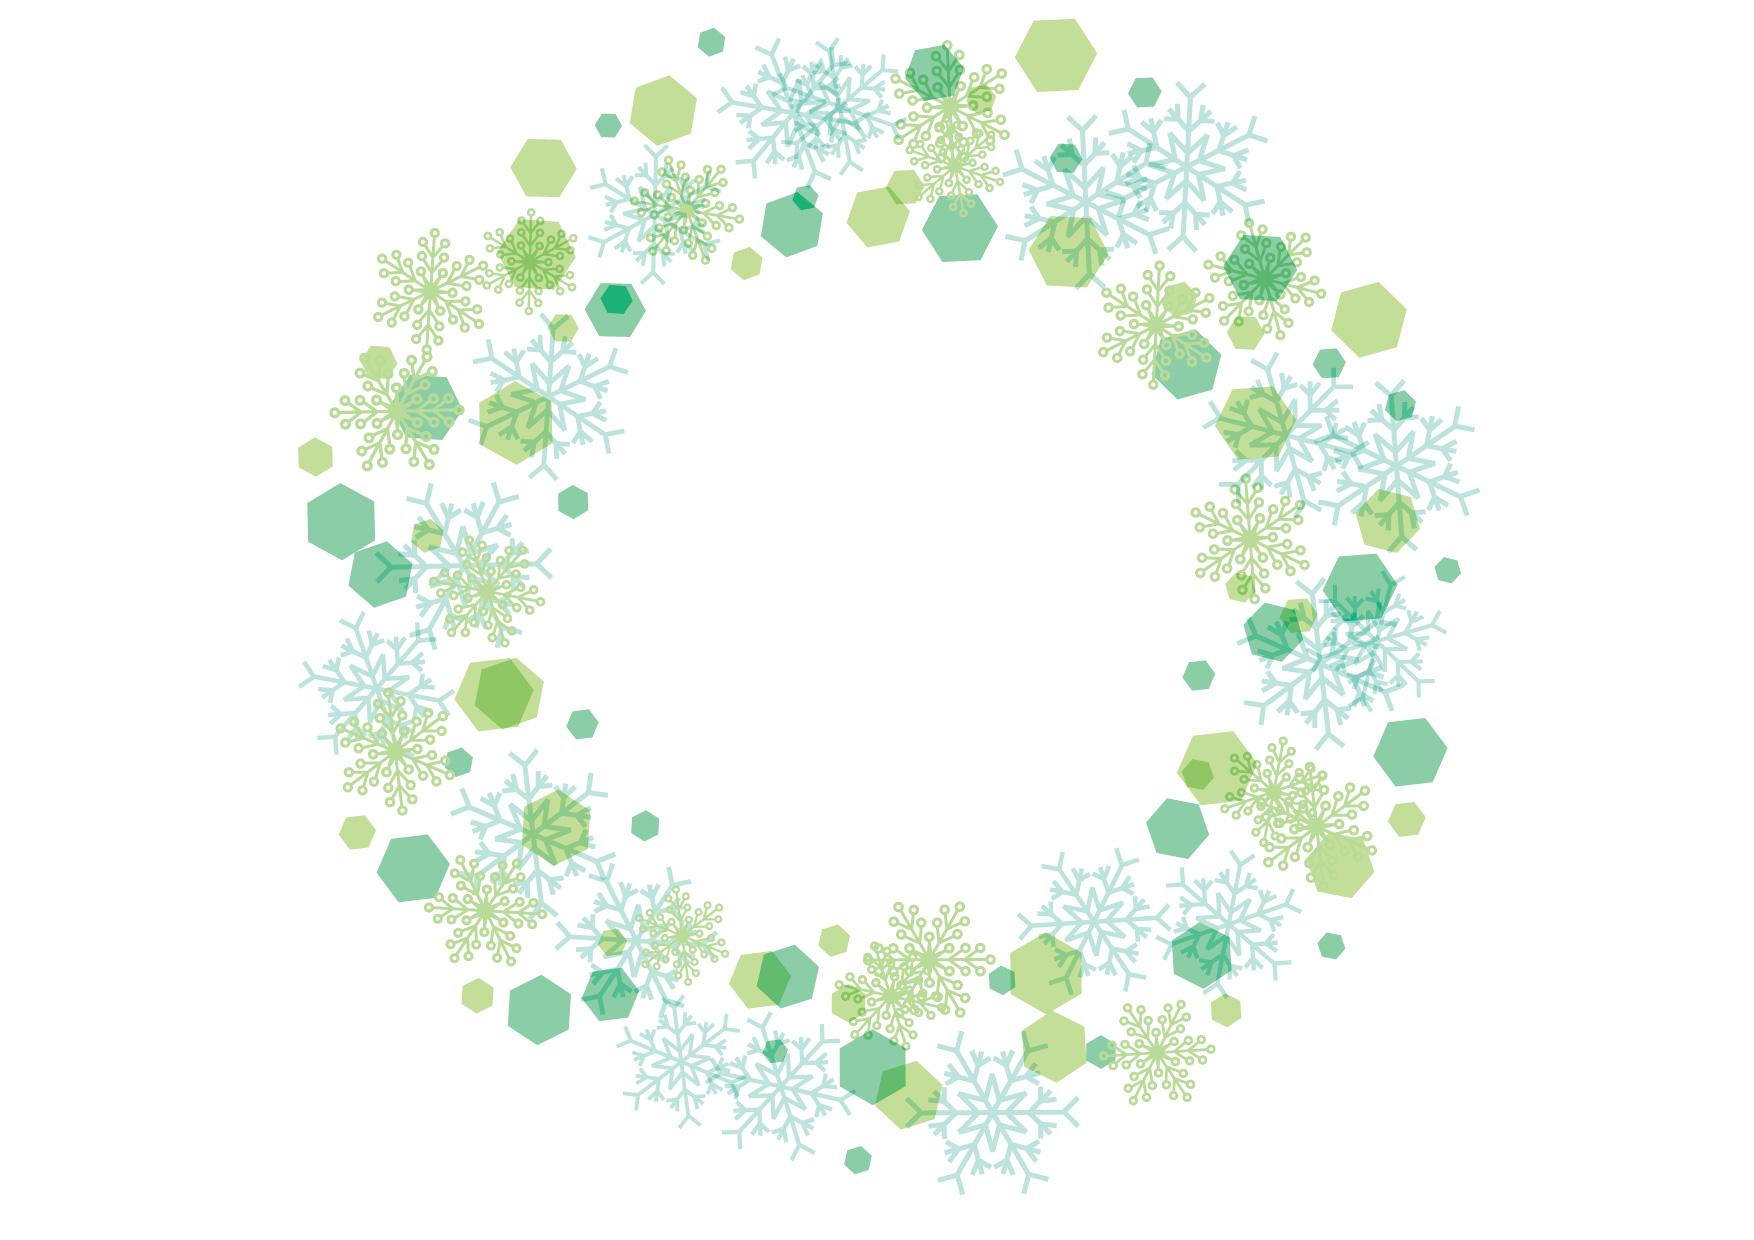 可愛いイラスト|雪の結晶 フレーム 背景 緑色 − free illustration Snowflakes frame background green